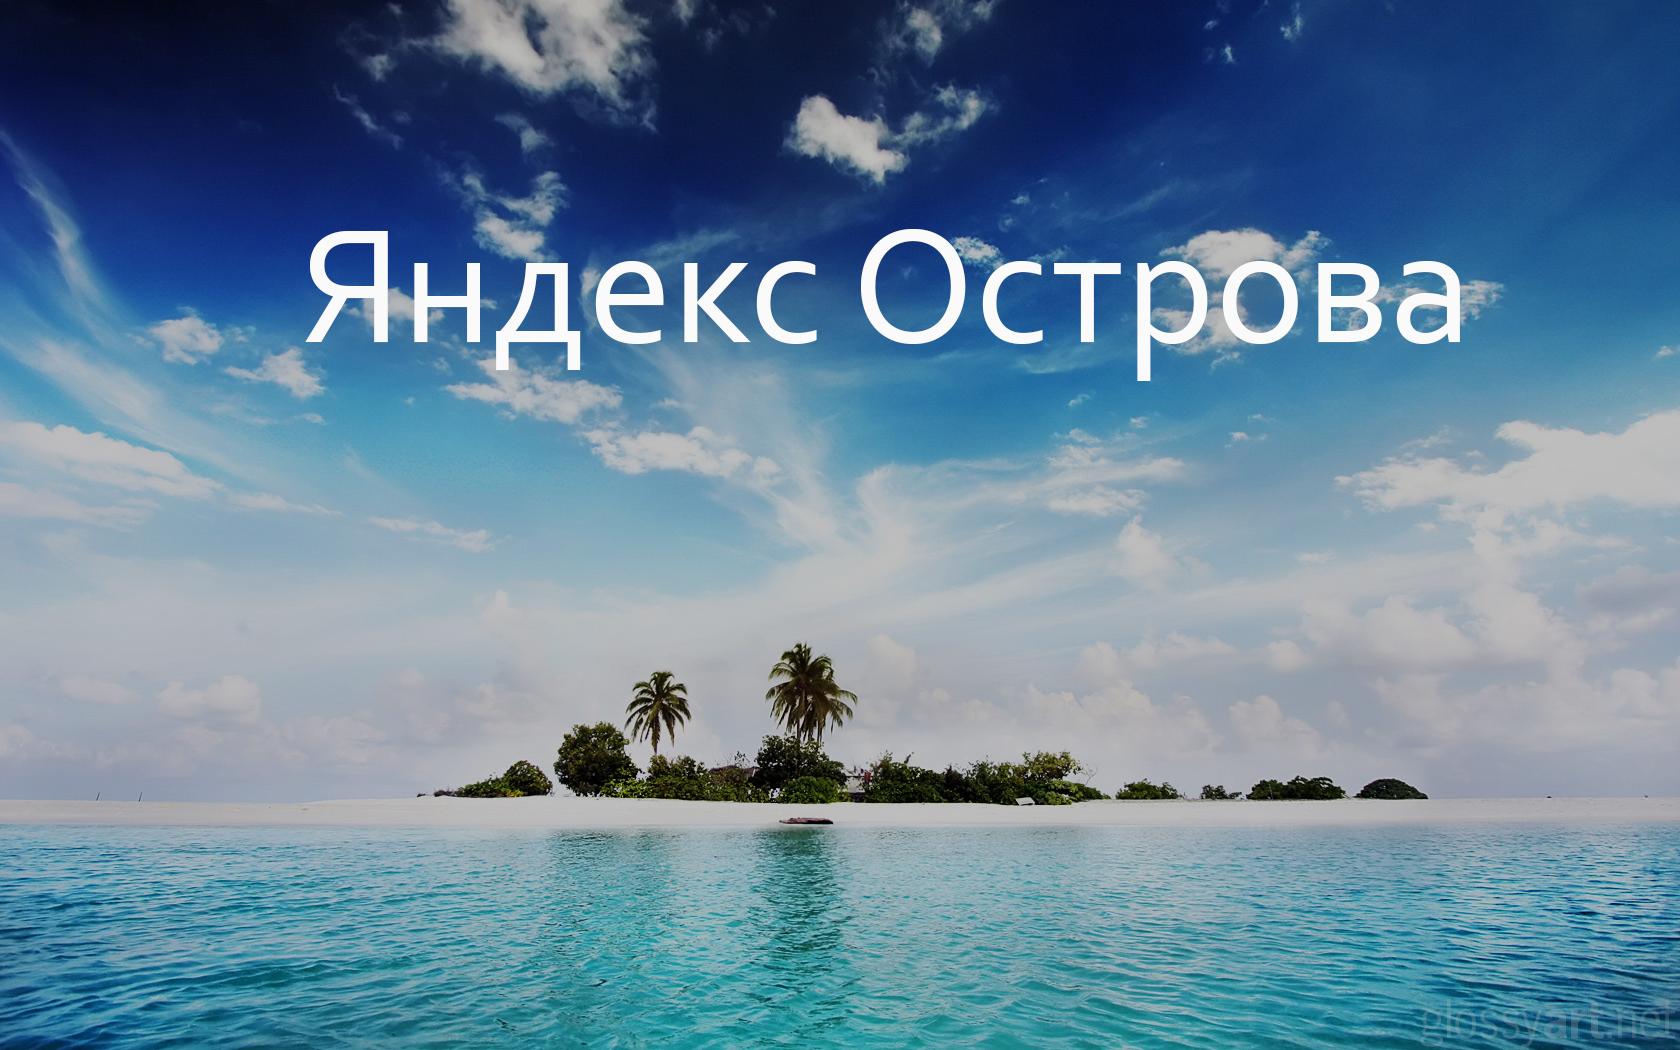 Яндекс Острова - интерактивный сайт